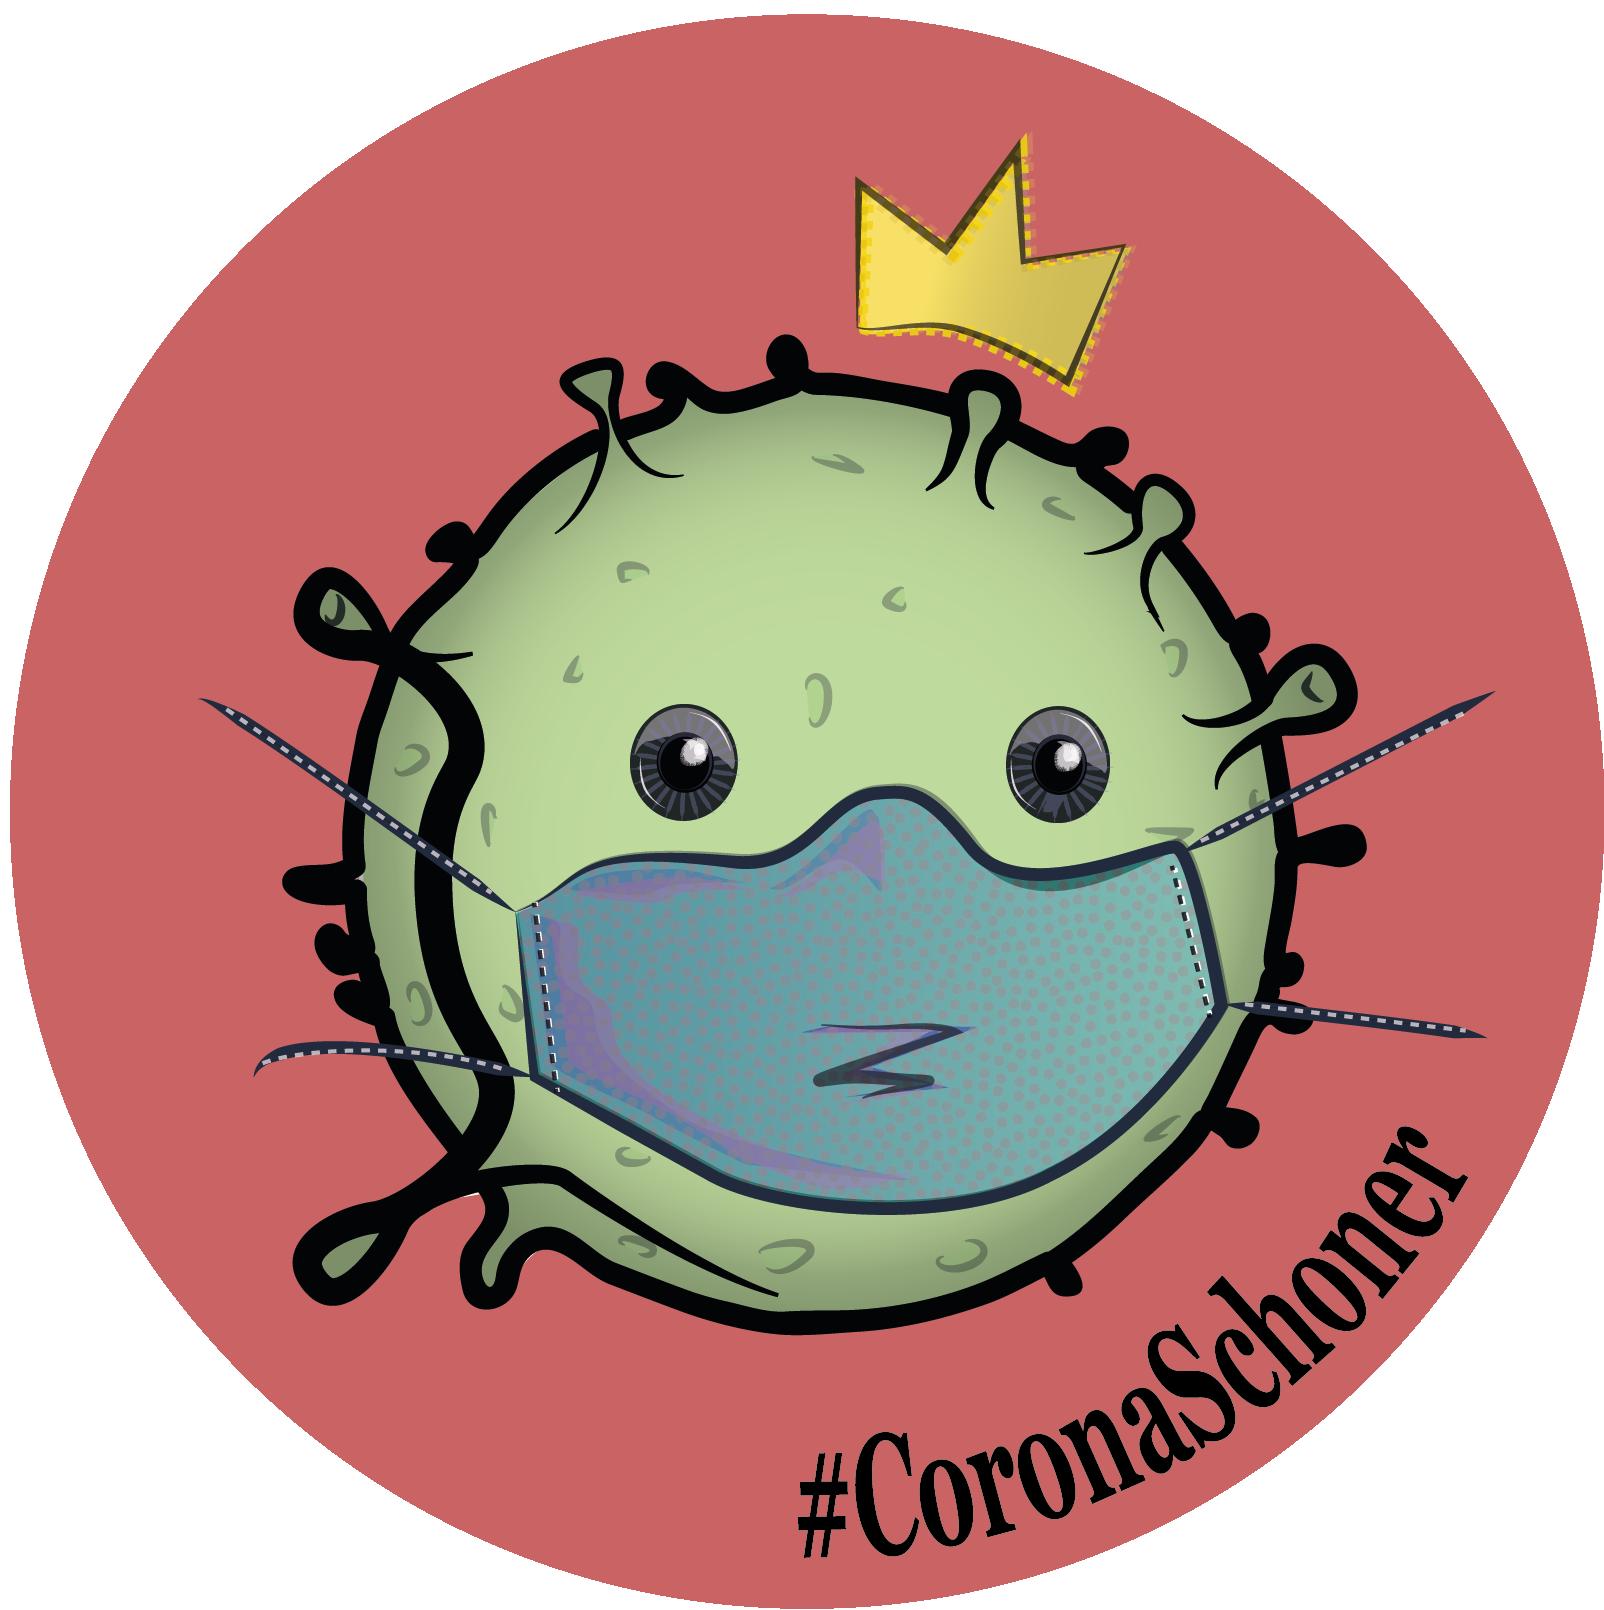 #CoronaSchoner